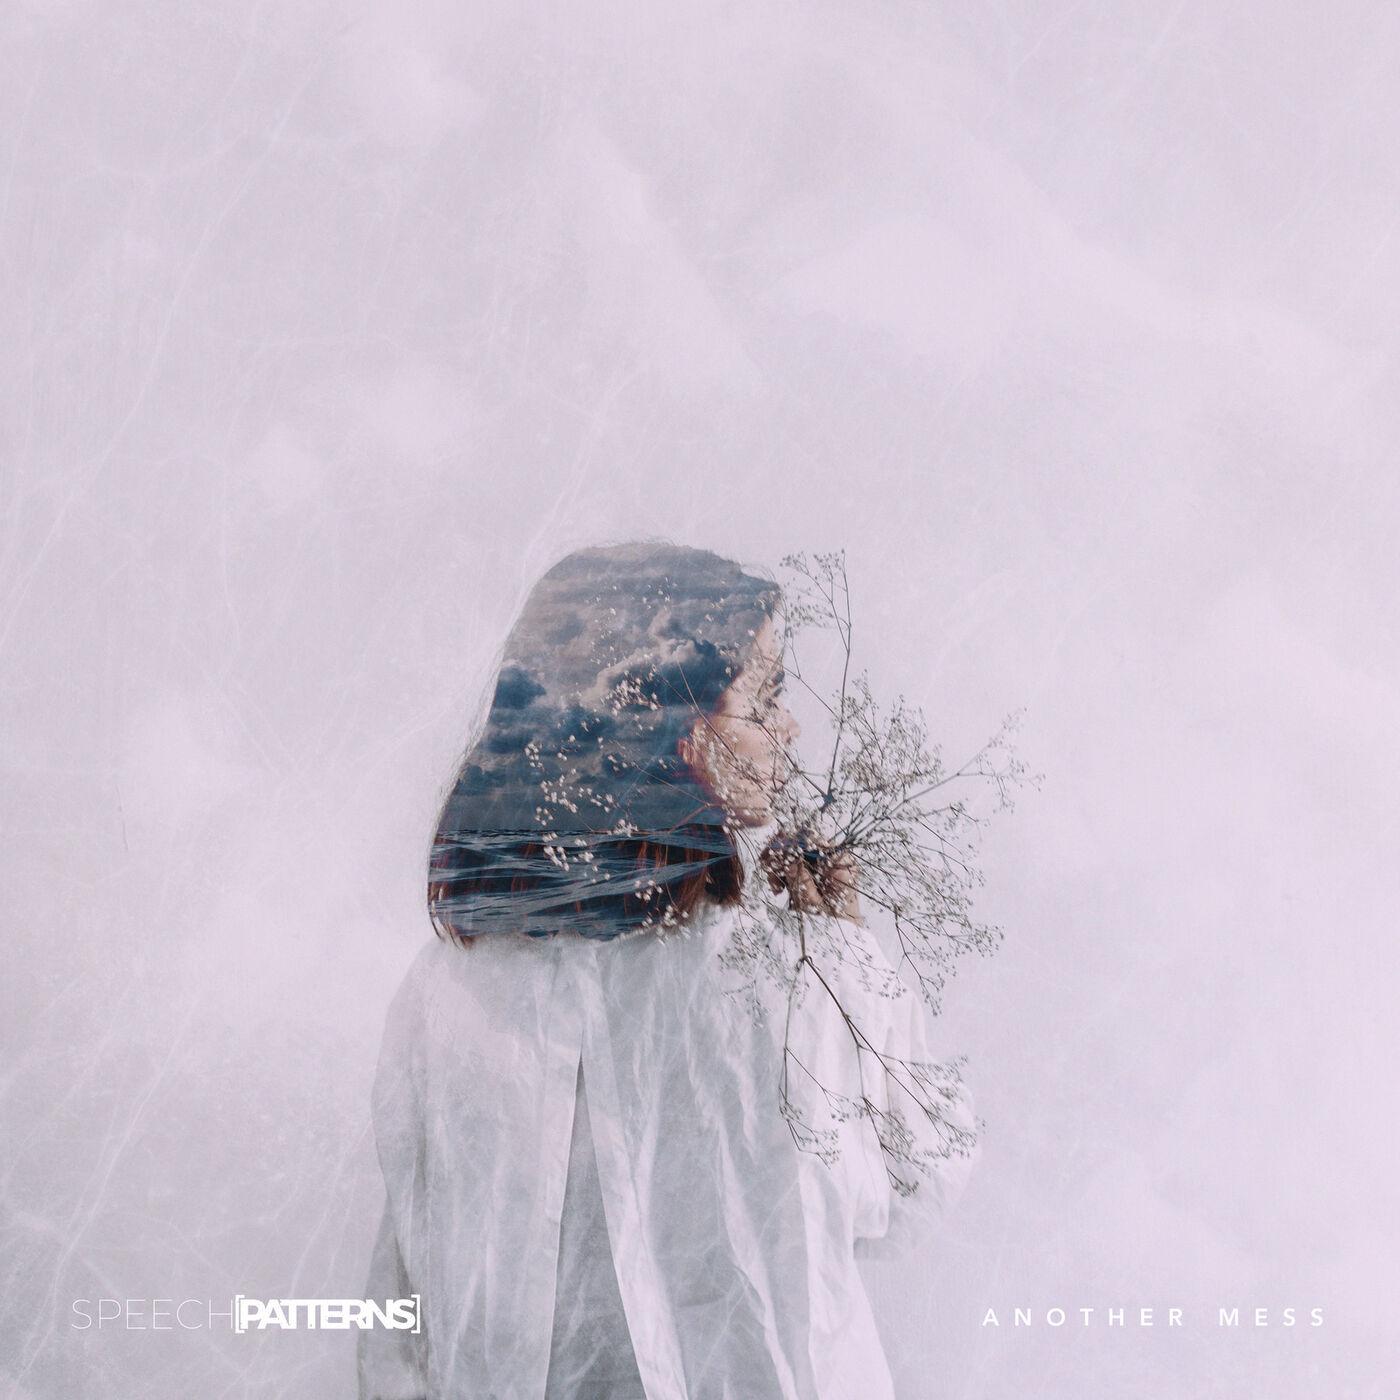 Speech Patterns - Another Mess [single] (2019)